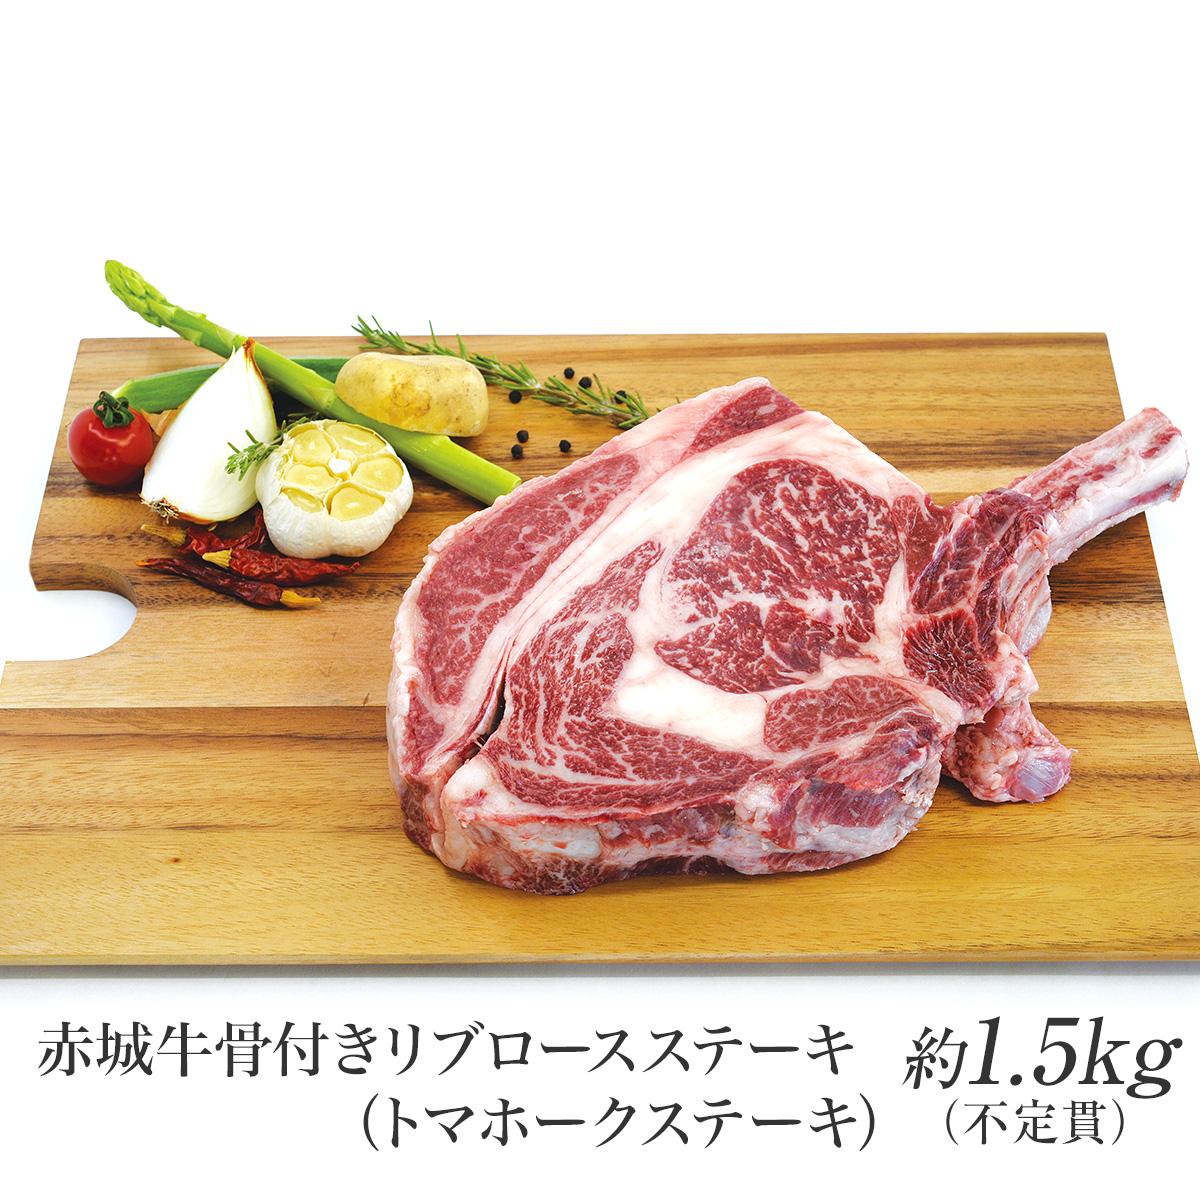 牛骨 【送料無料】 5kg 黒毛和牛 【お中元ギフト】